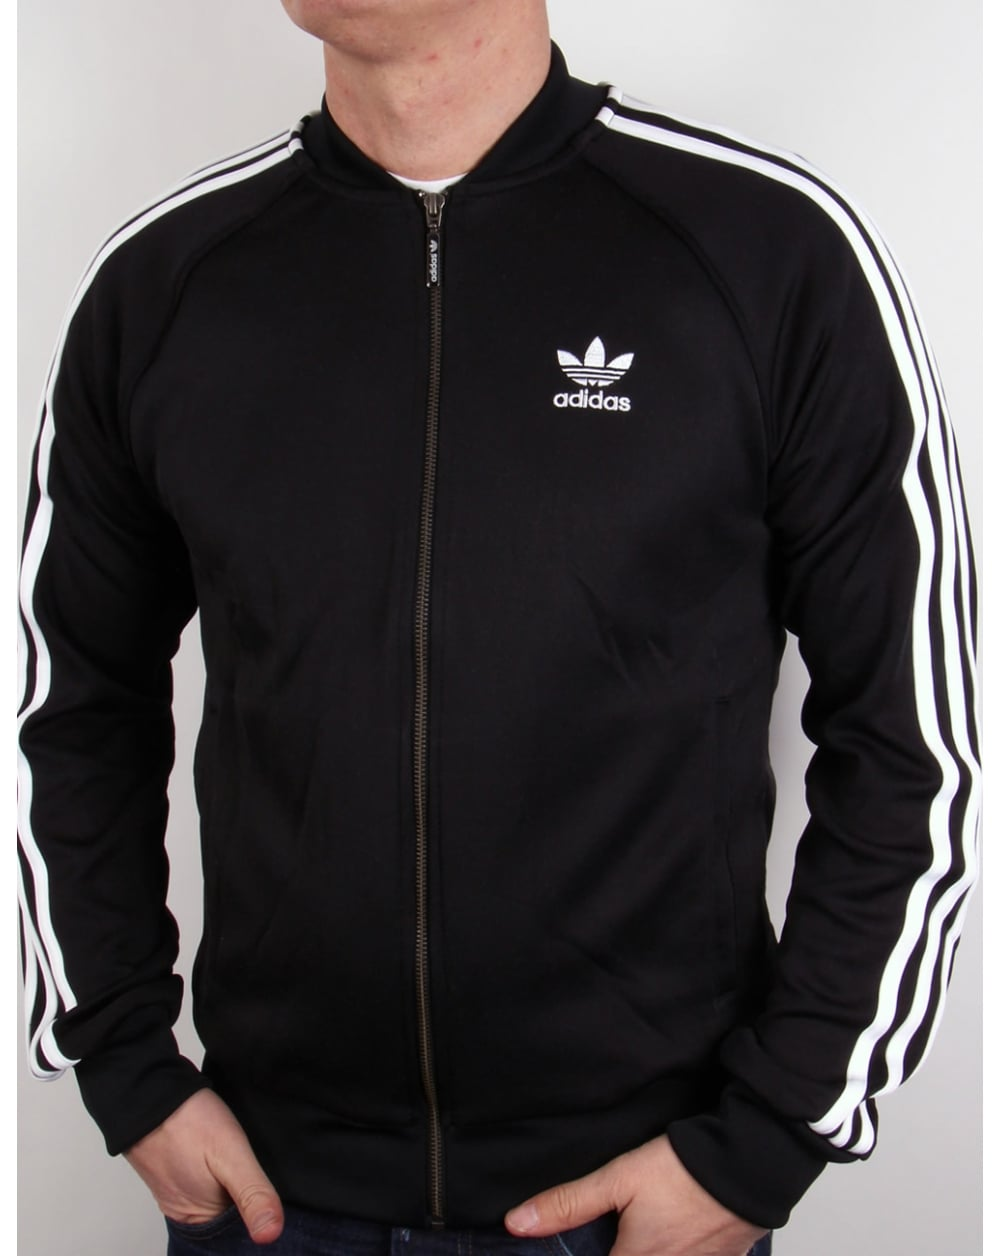 Adidas Originals Superstar Pista Superiore - Nero / Bianco o9vR8tc